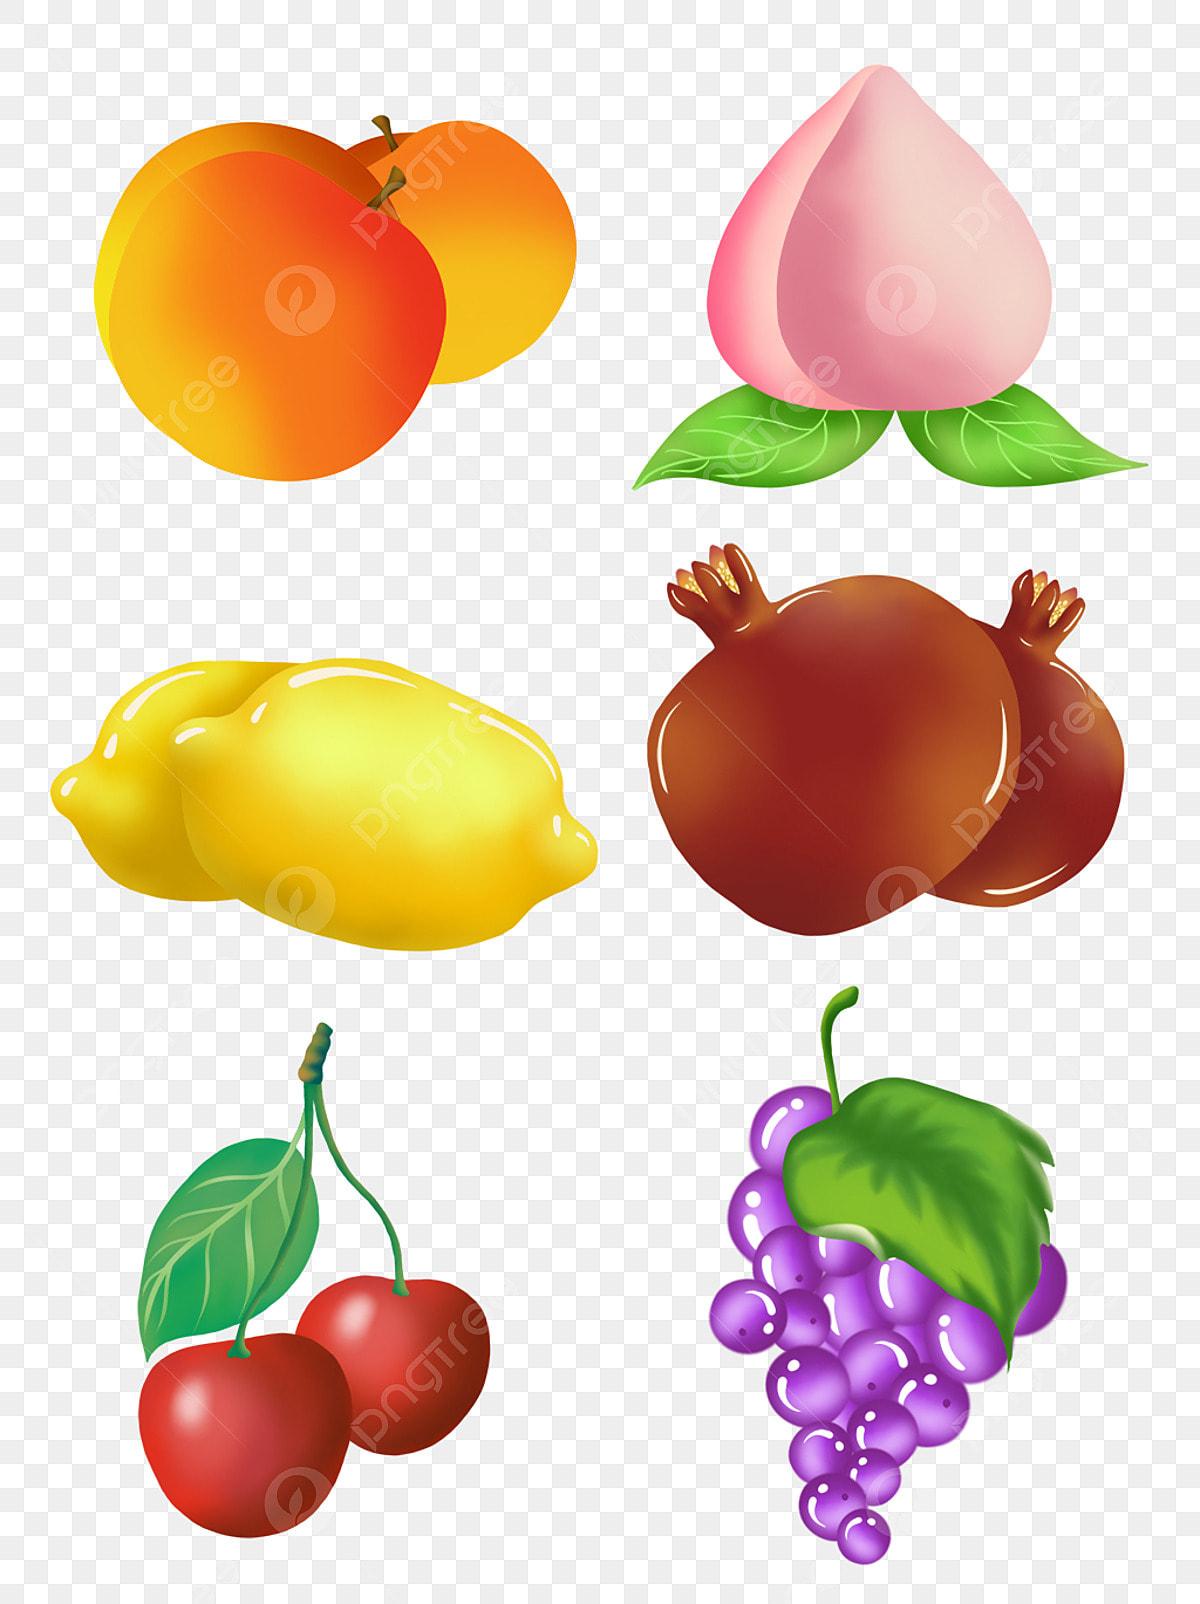 Gambar Buah Buahan Dan Sayur Sayuran Mudah Dilukis Tangan Unsur Unsur Ilustrasi Komersial Buah Dan Sayur Sayuran Yang Mudah Makanan Kartun Buah Kartun Png Dan Psd Untuk Muat Turun Percuma